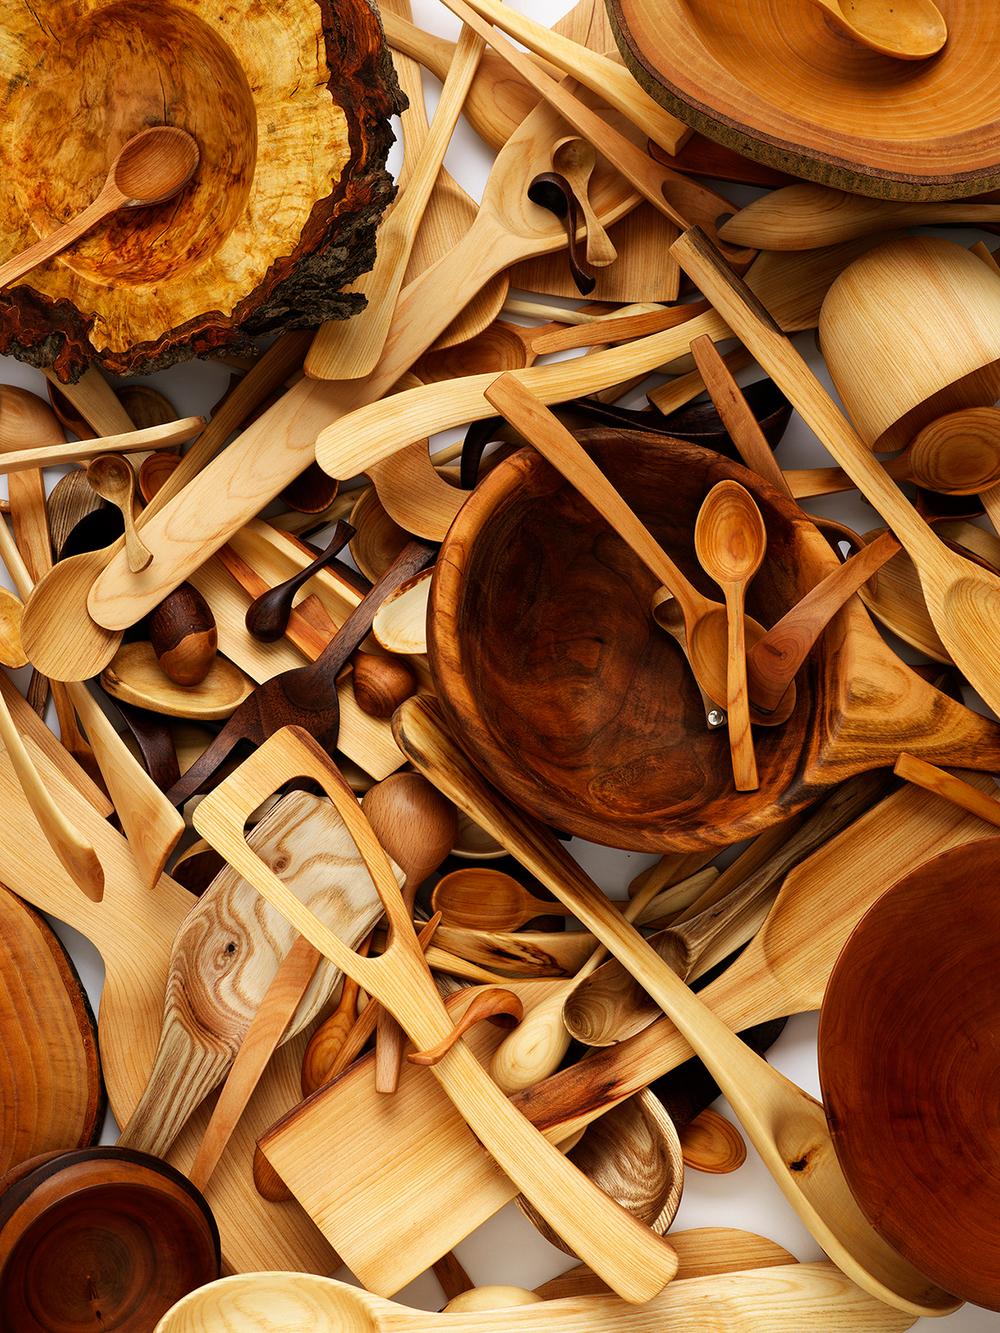 Spoons_MassivePile2-002.jpg